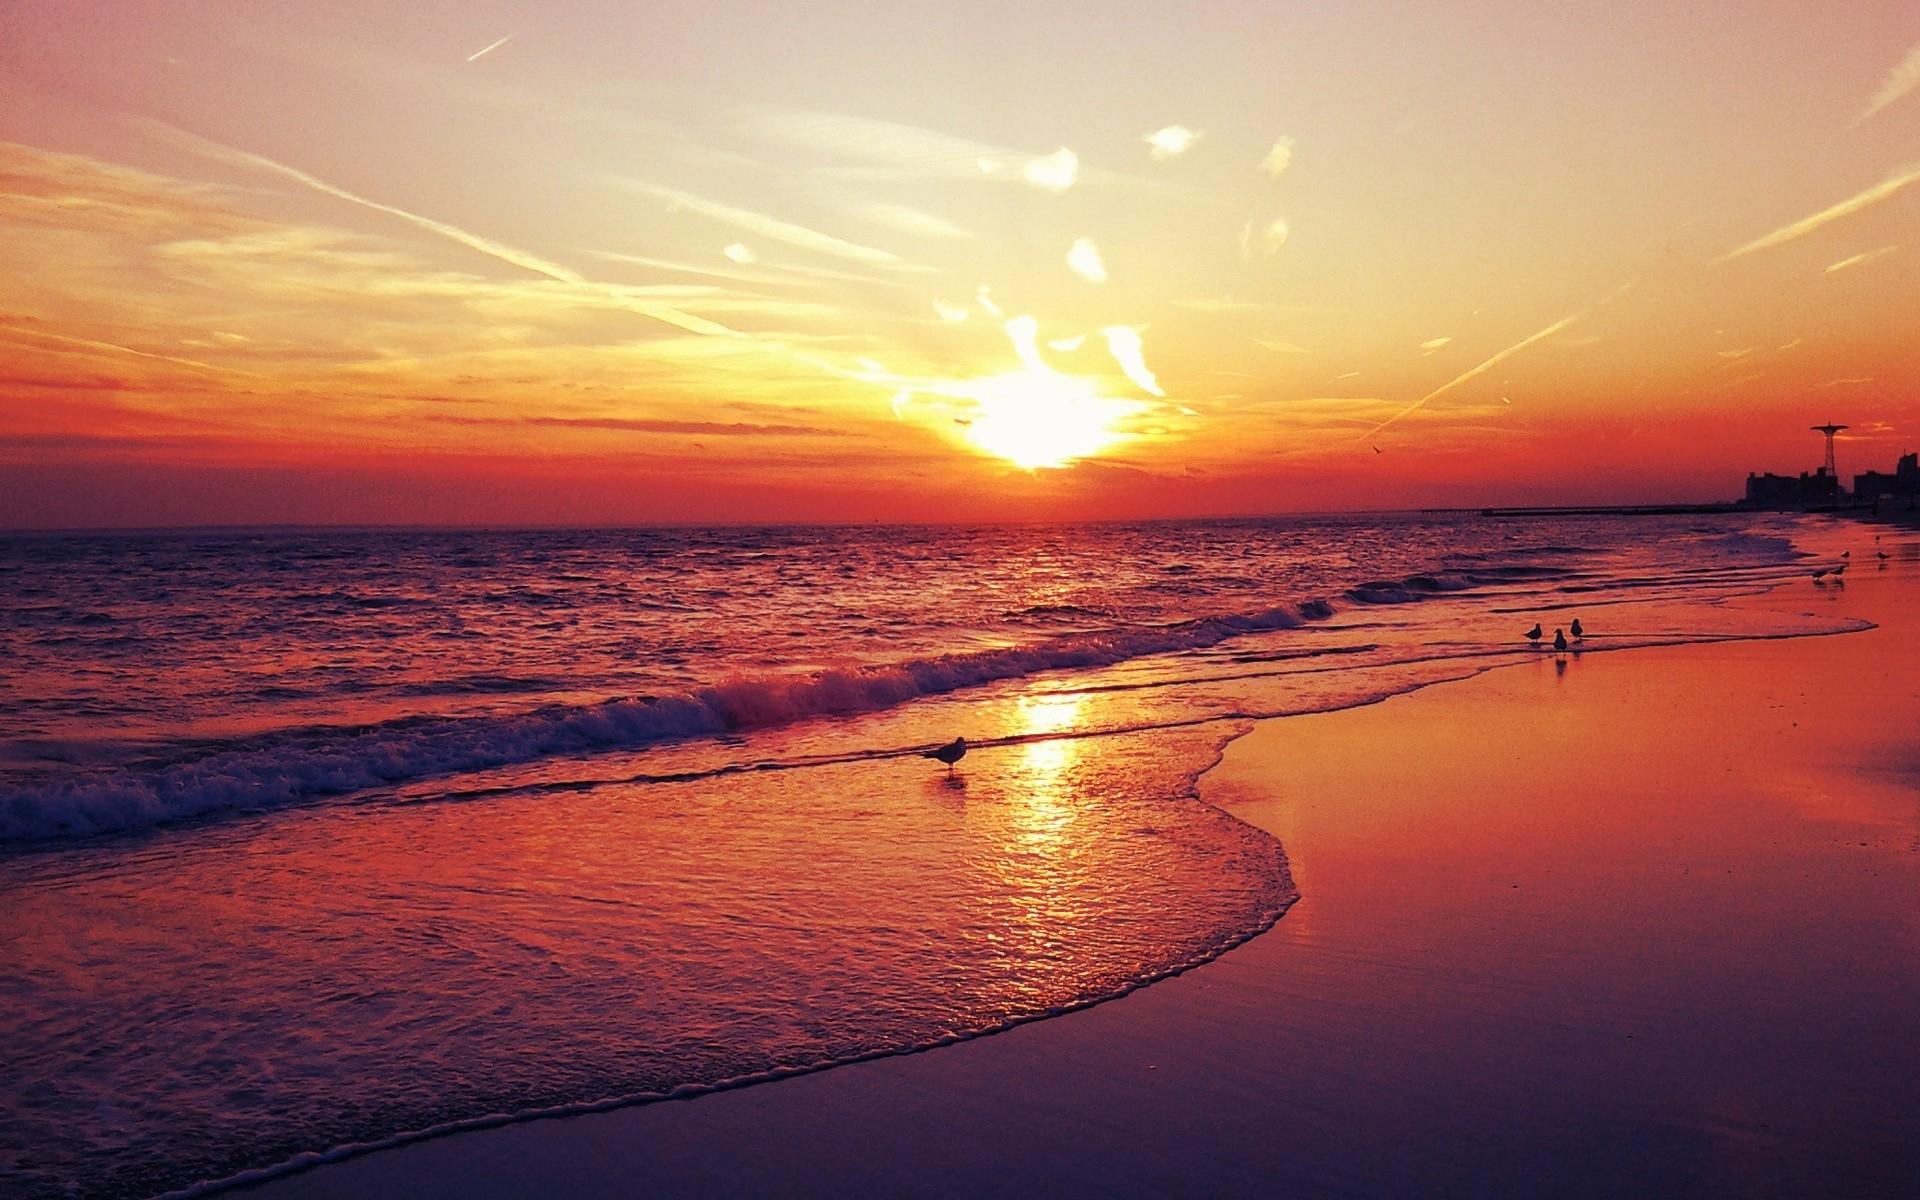 beach wallpaper sunset beautiful hd #2349 wallpaper | walldiskpaper